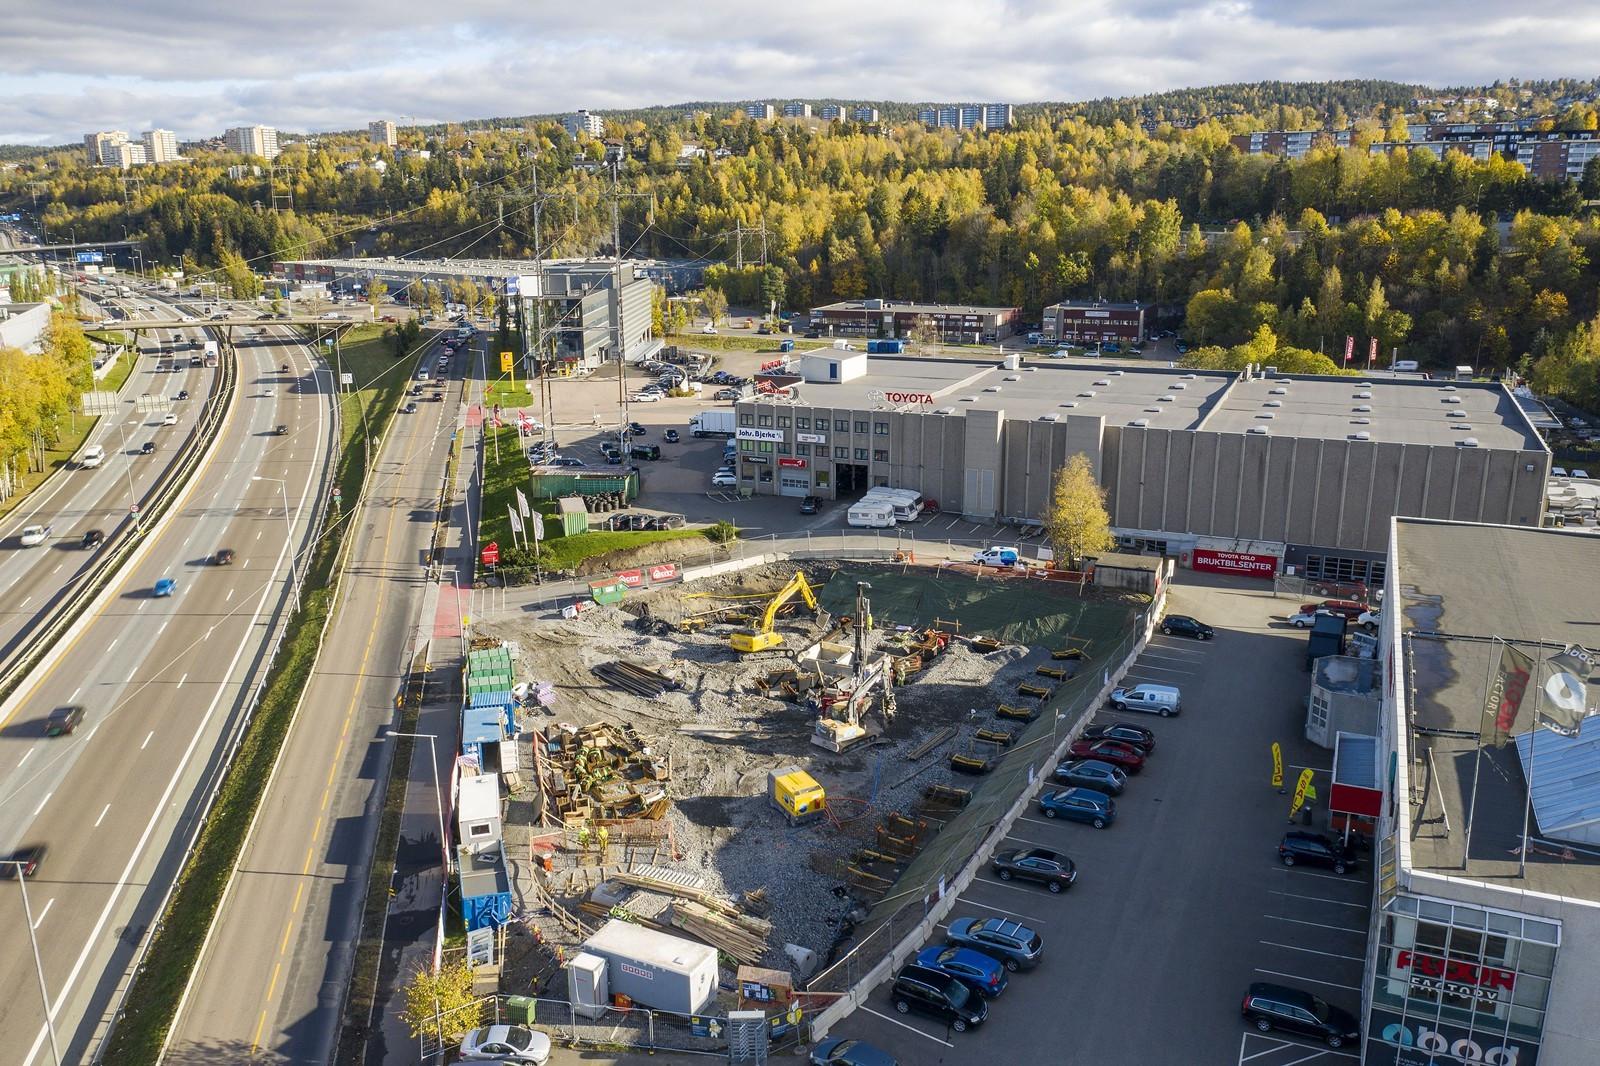 I naboeiendommene er blant annet Bavaria Oslo, Plantasjen, Staples, Coop OBS Bygg, Power mfl. etablert